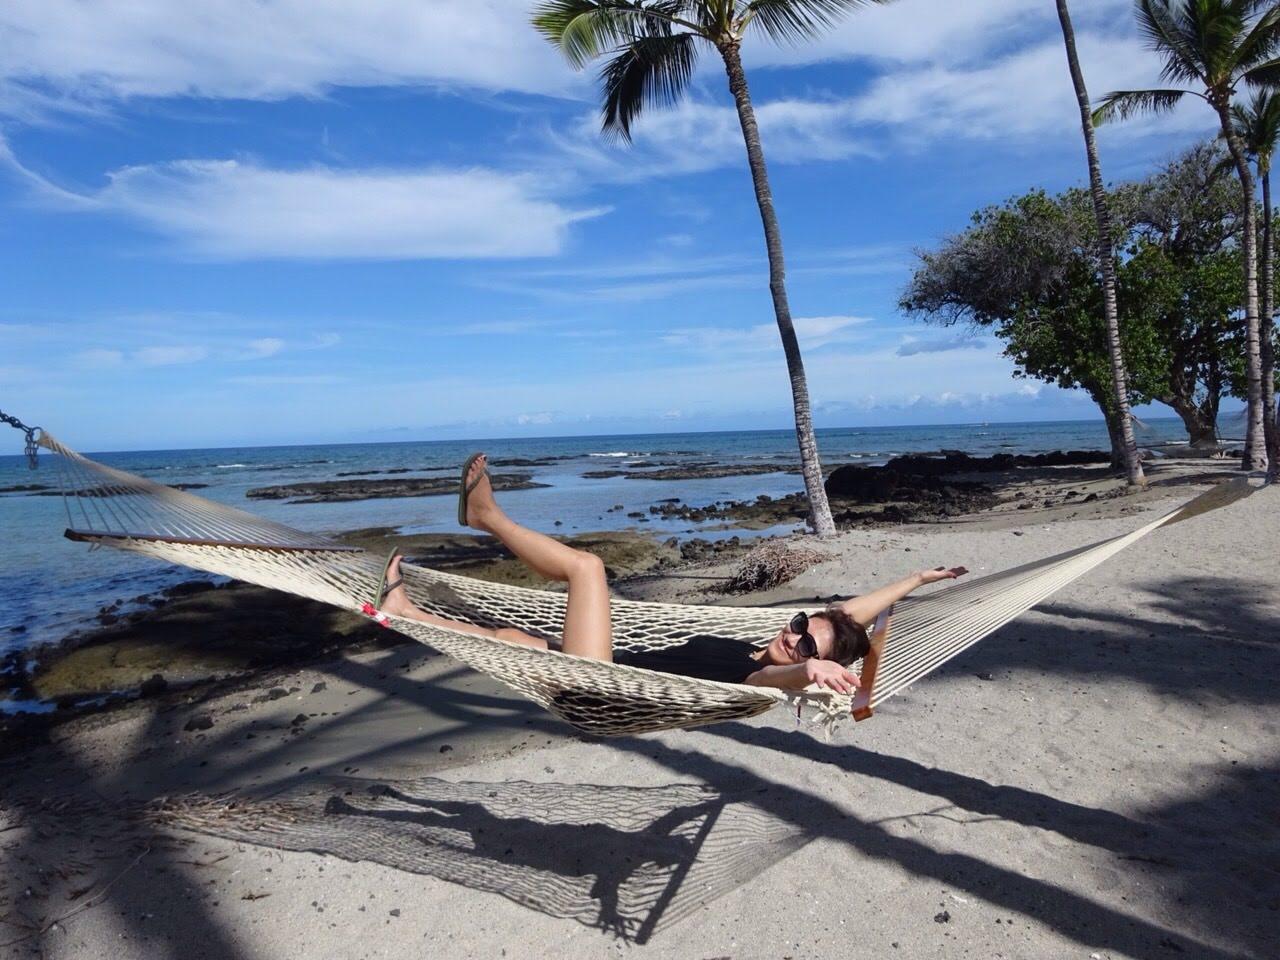 ハワイ、ハワイ島について